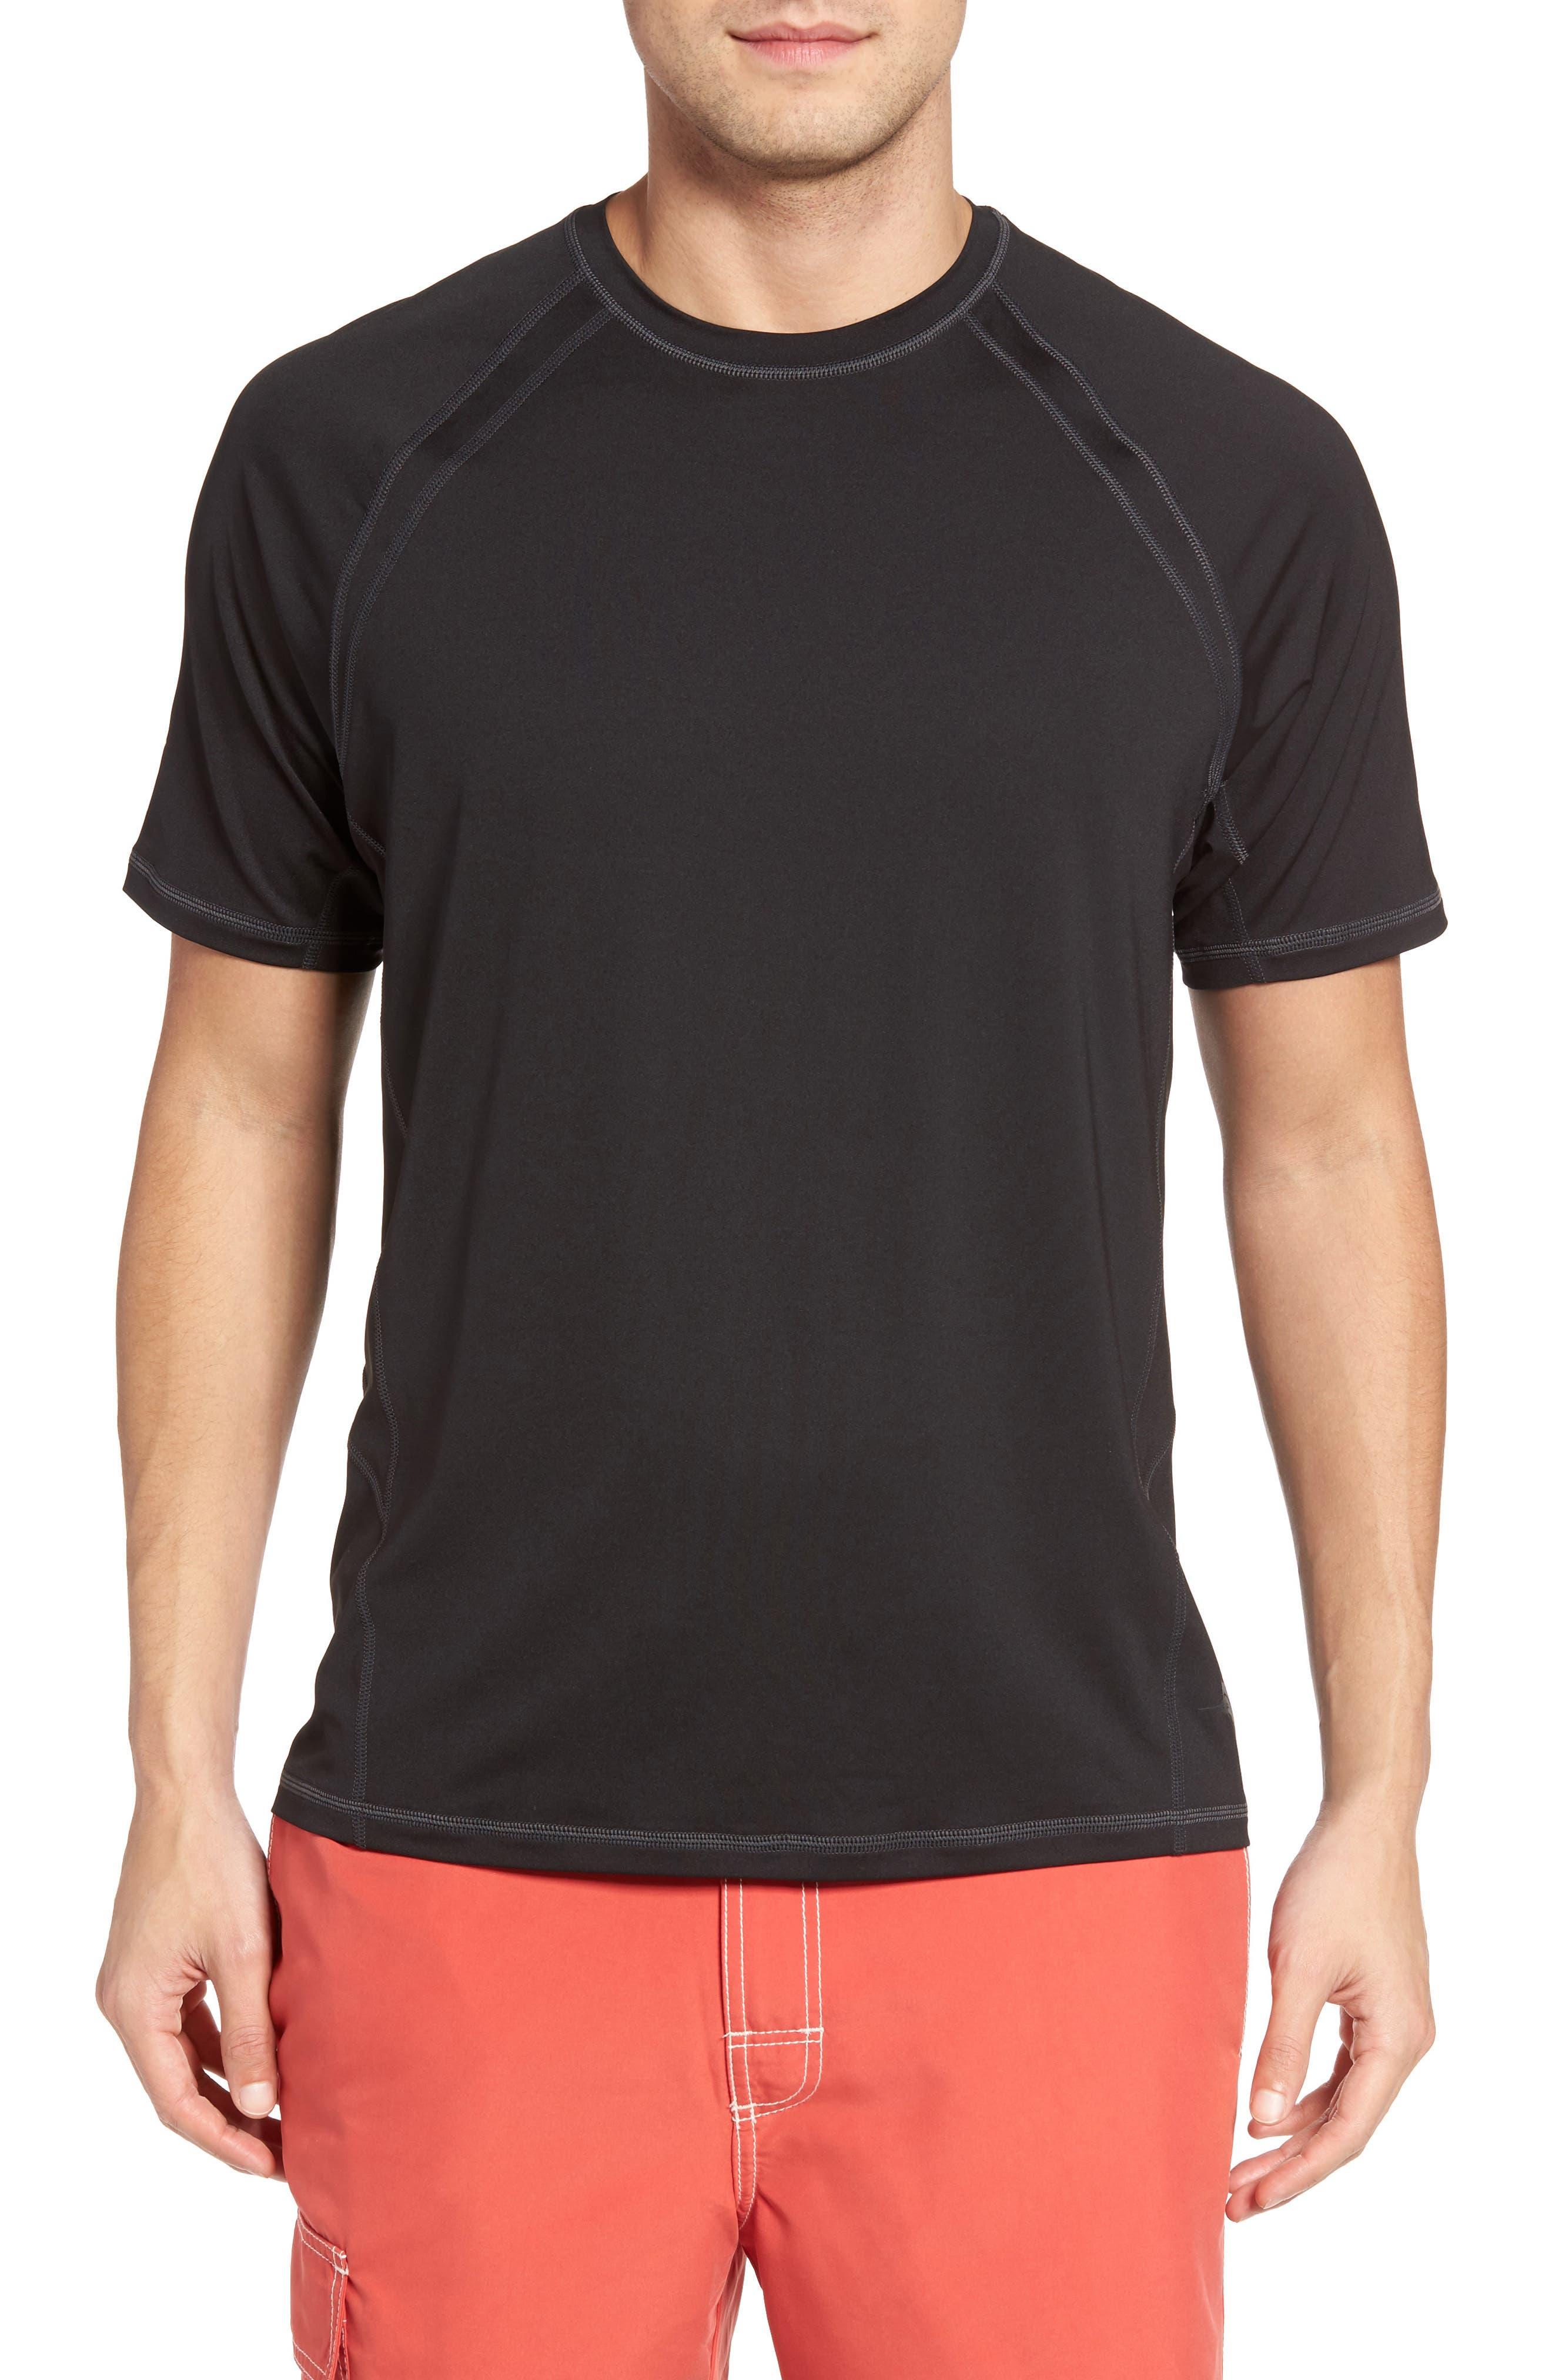 TOMMY BAHAMA,                             Surf Chaser Crewneck T-Shirt,                             Main thumbnail 1, color,                             001